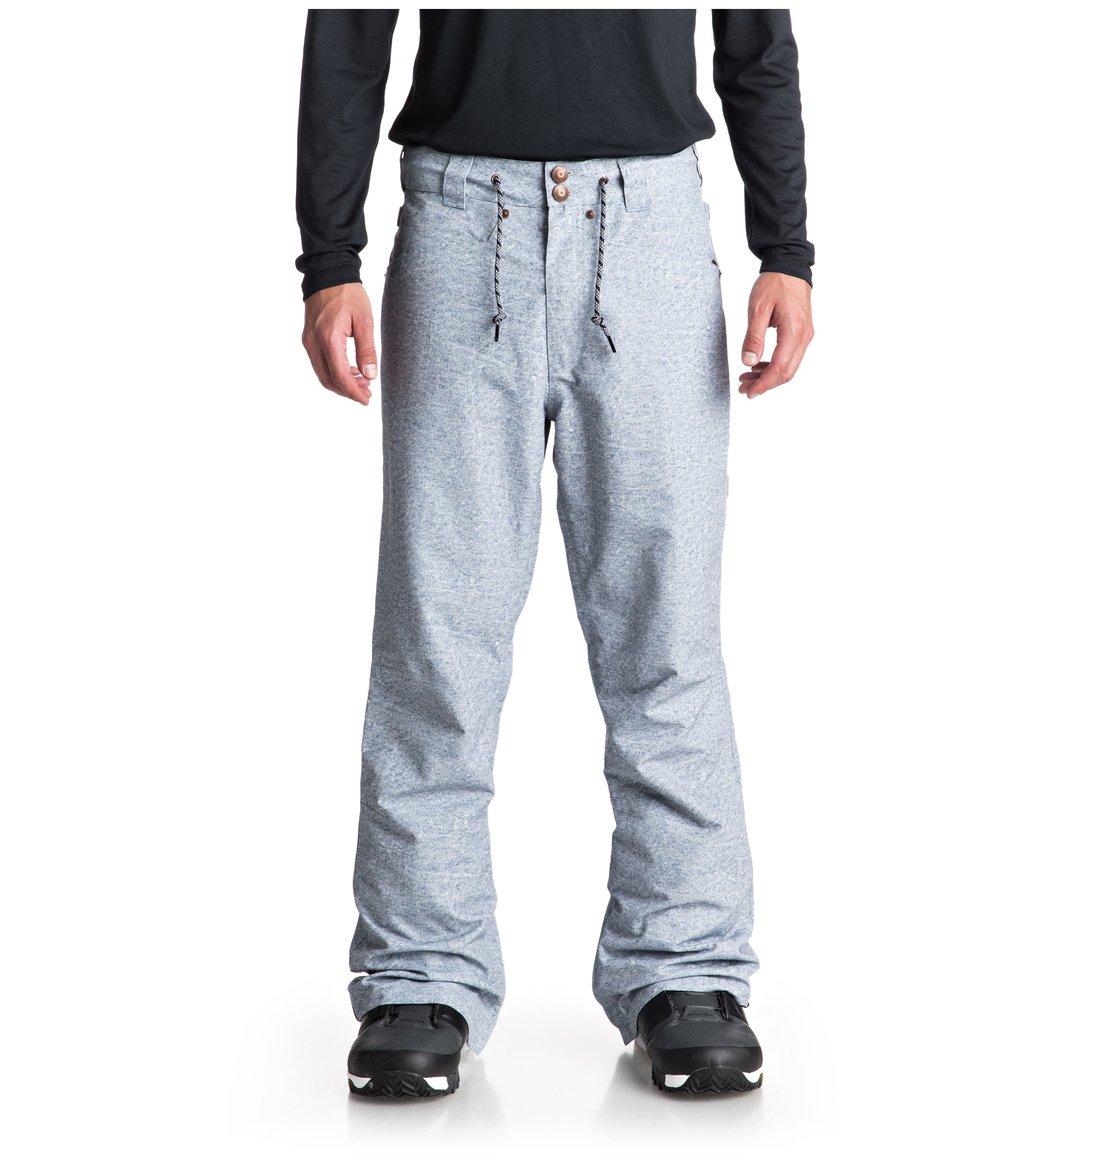 pantalon de snow homme